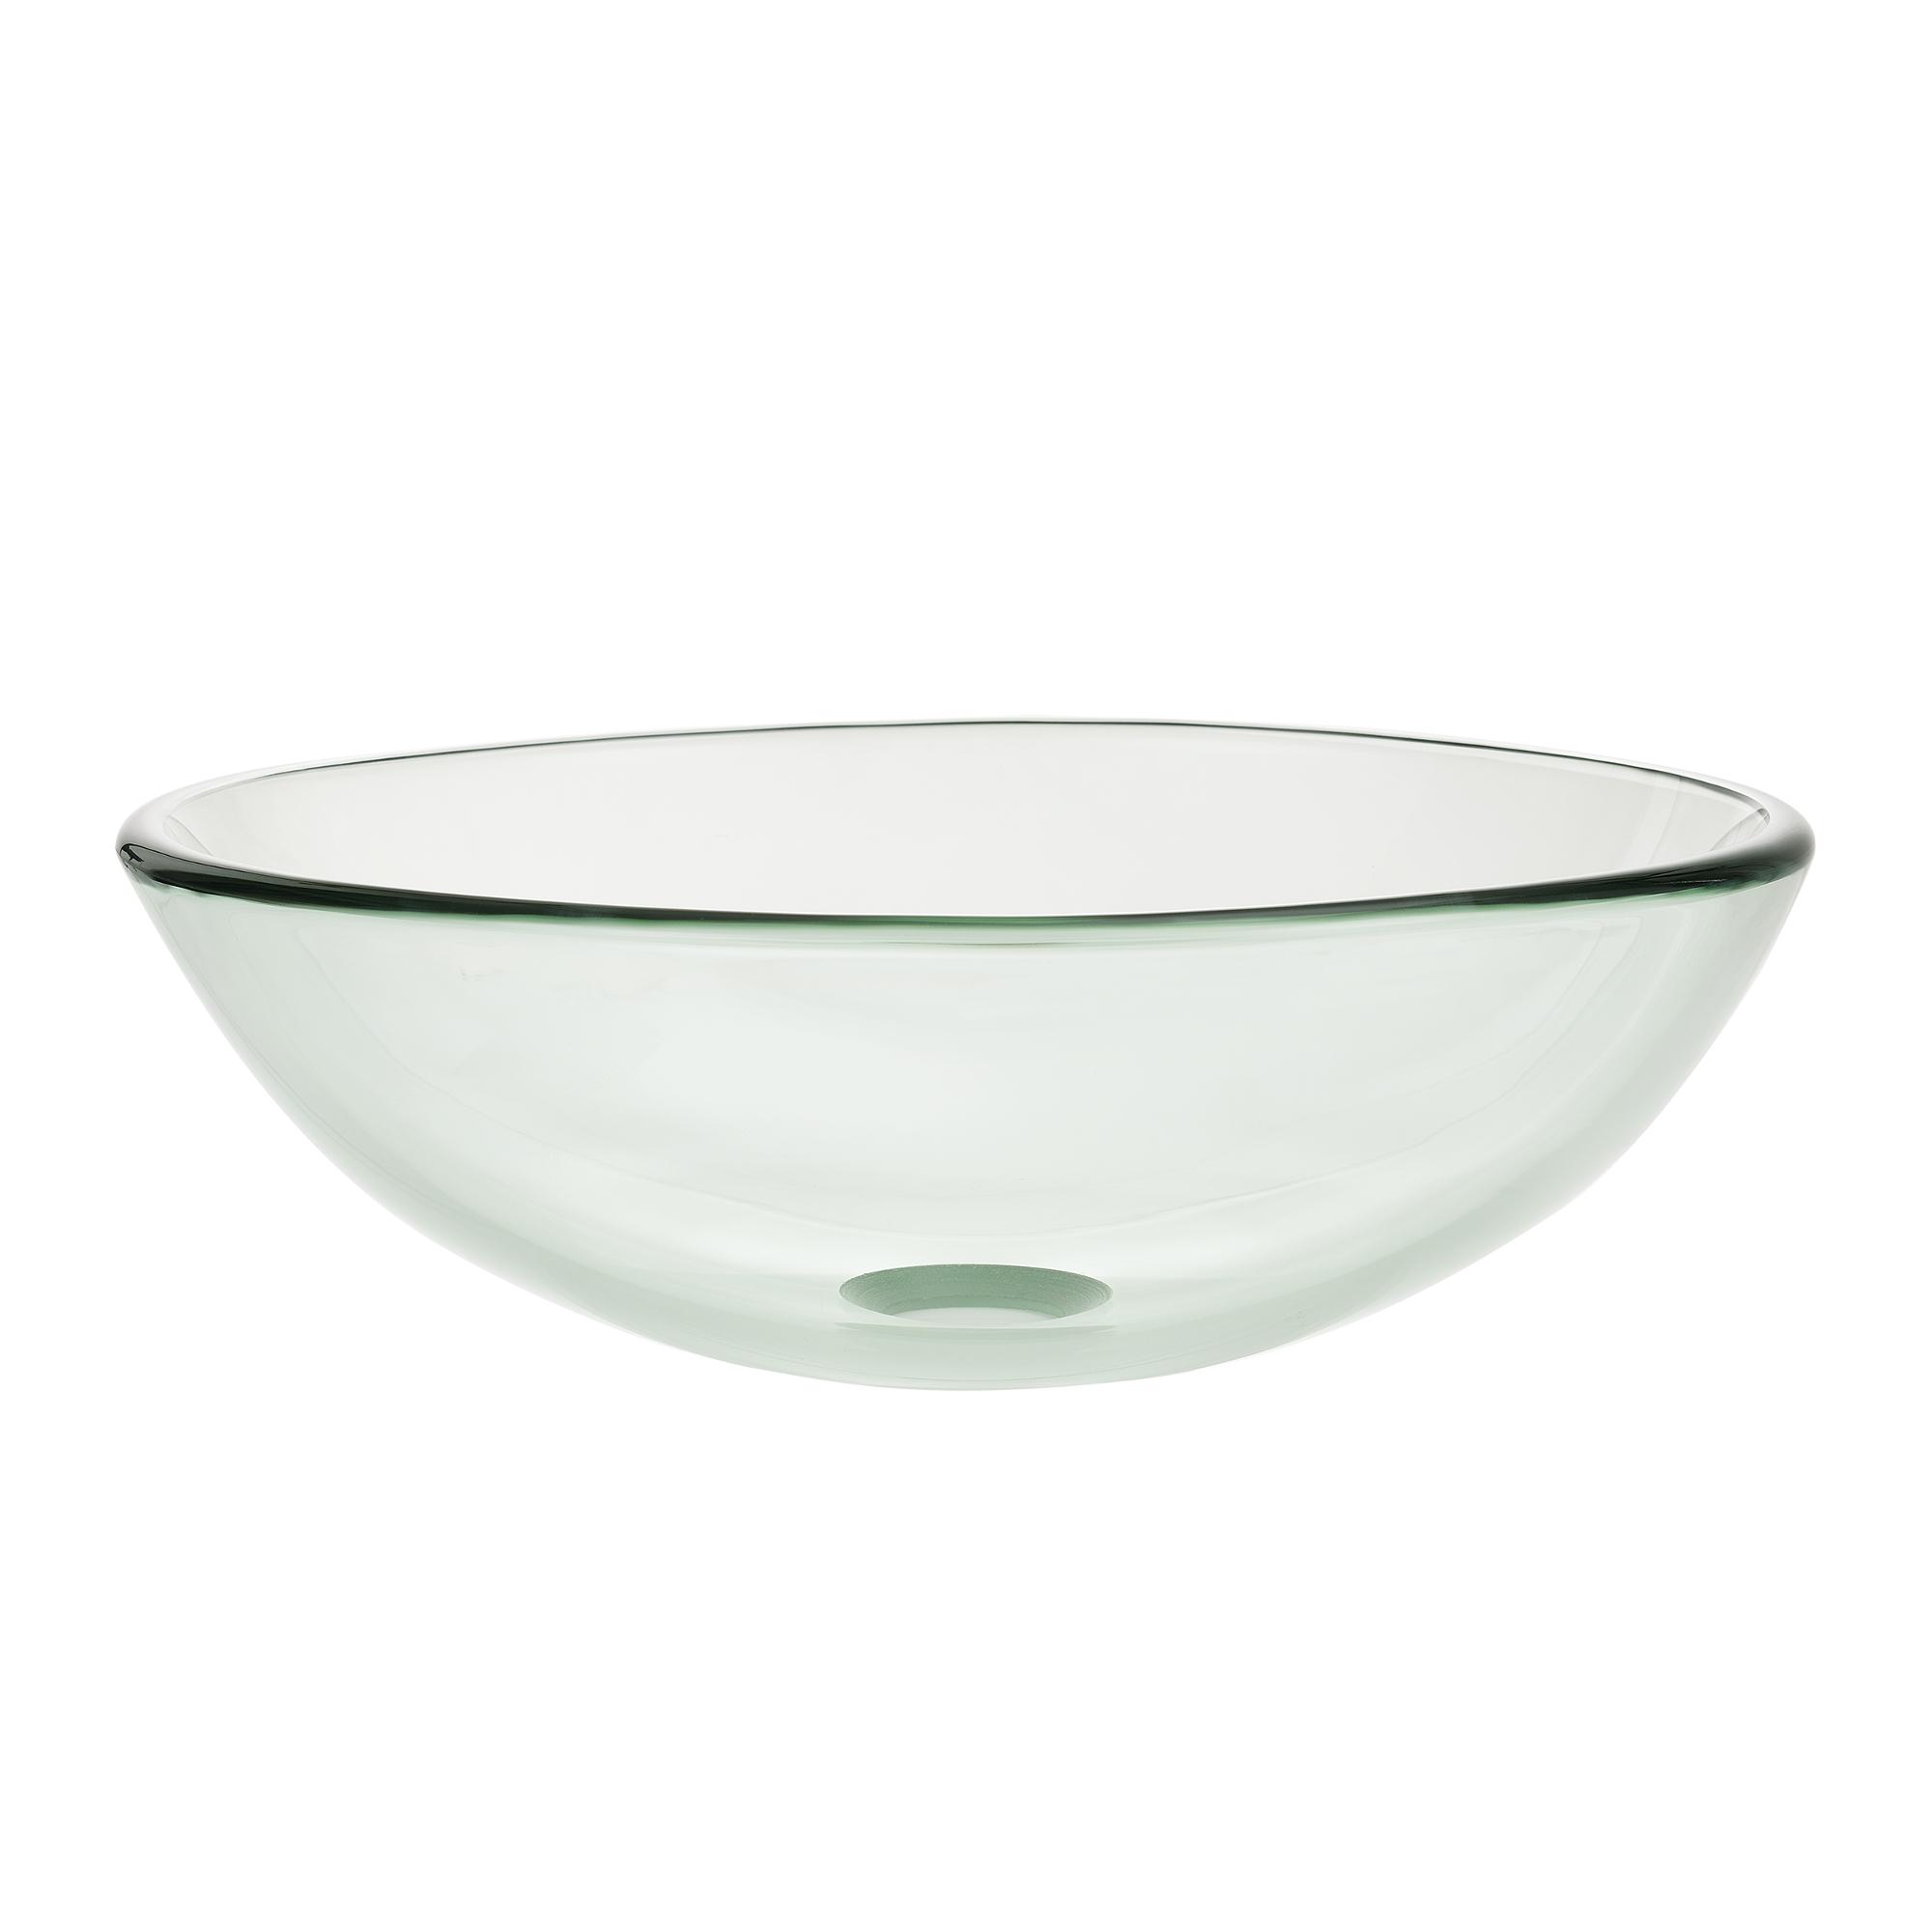 waschbecken rund waschschale 42cm glas waschtisch aufsatzbecken bad ebay. Black Bedroom Furniture Sets. Home Design Ideas